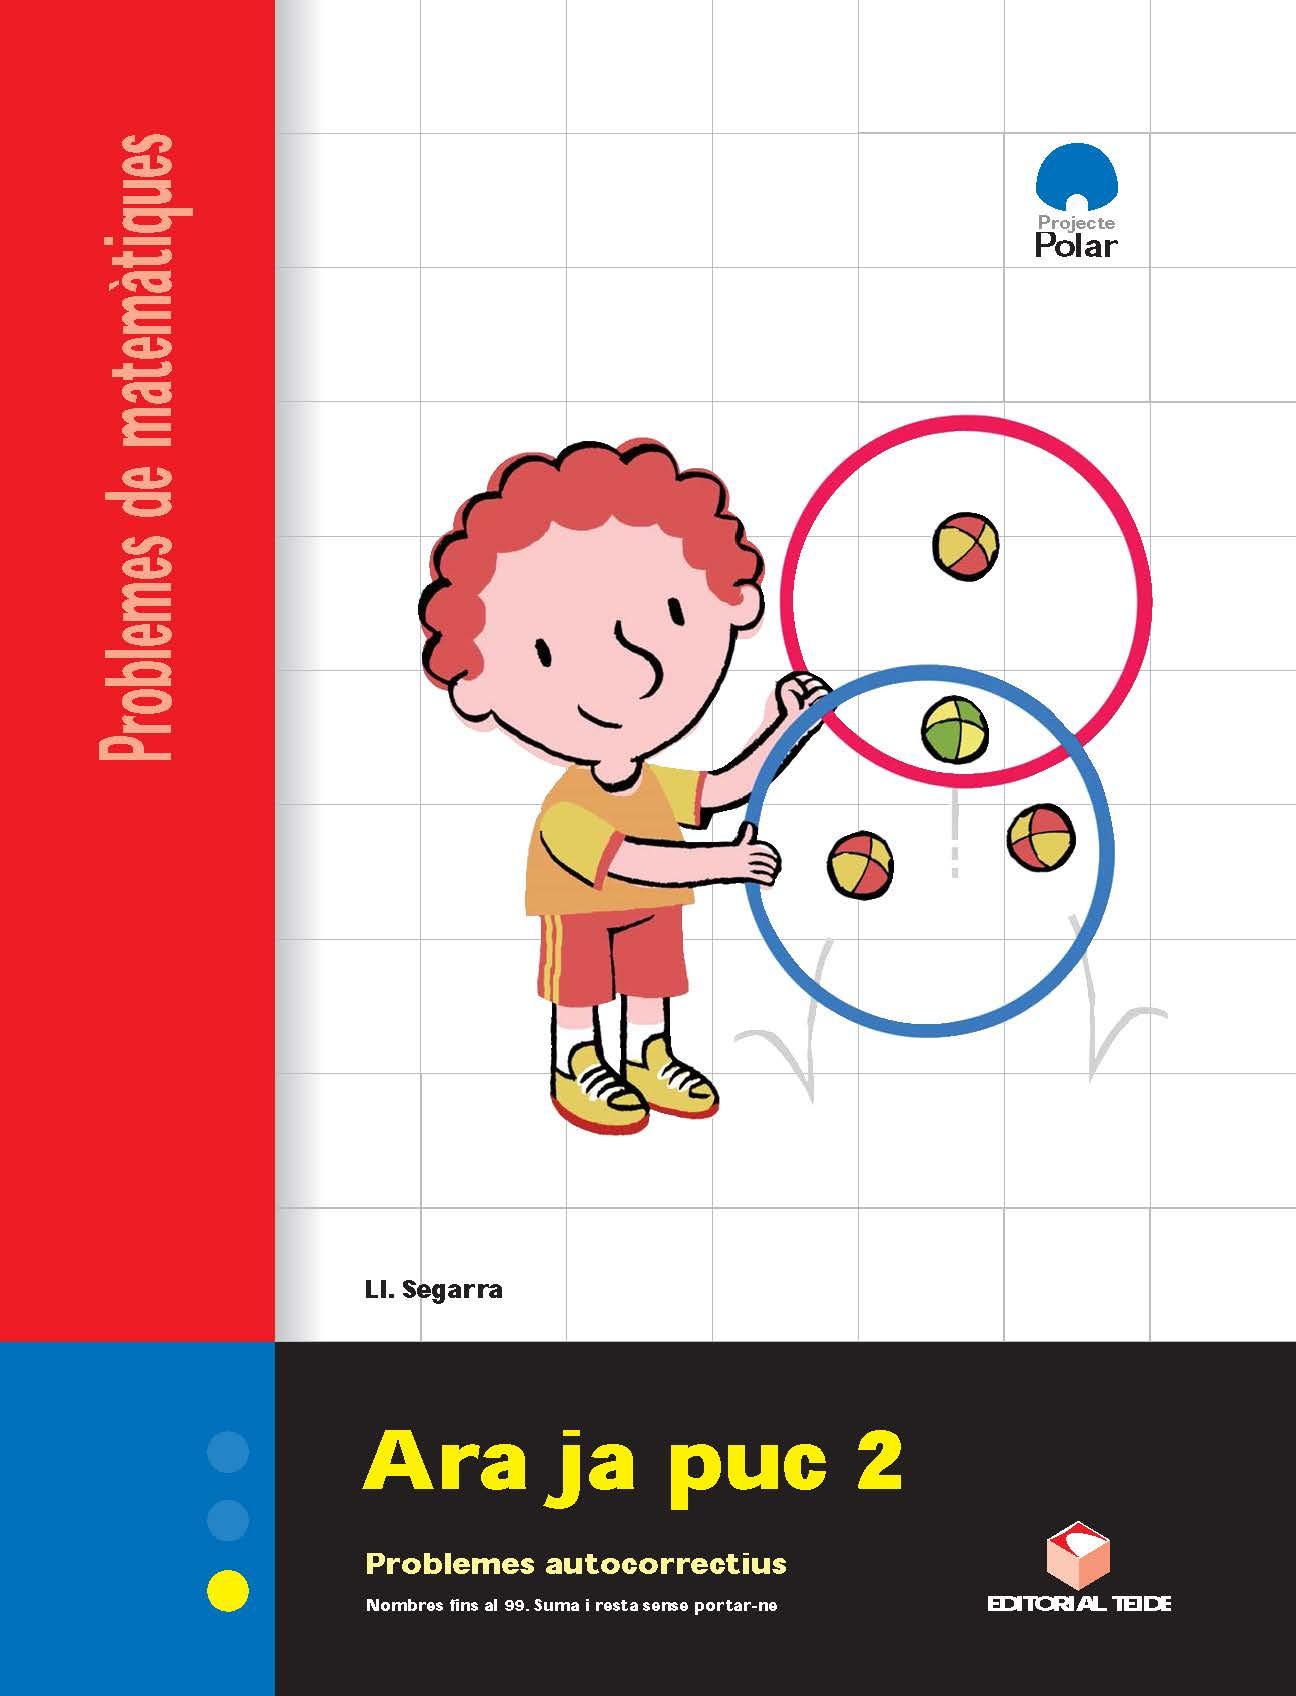 ara ja puc 1º-2º primatia quadern 2 problemes matematiques catala-felix serrano alda-9788430705146